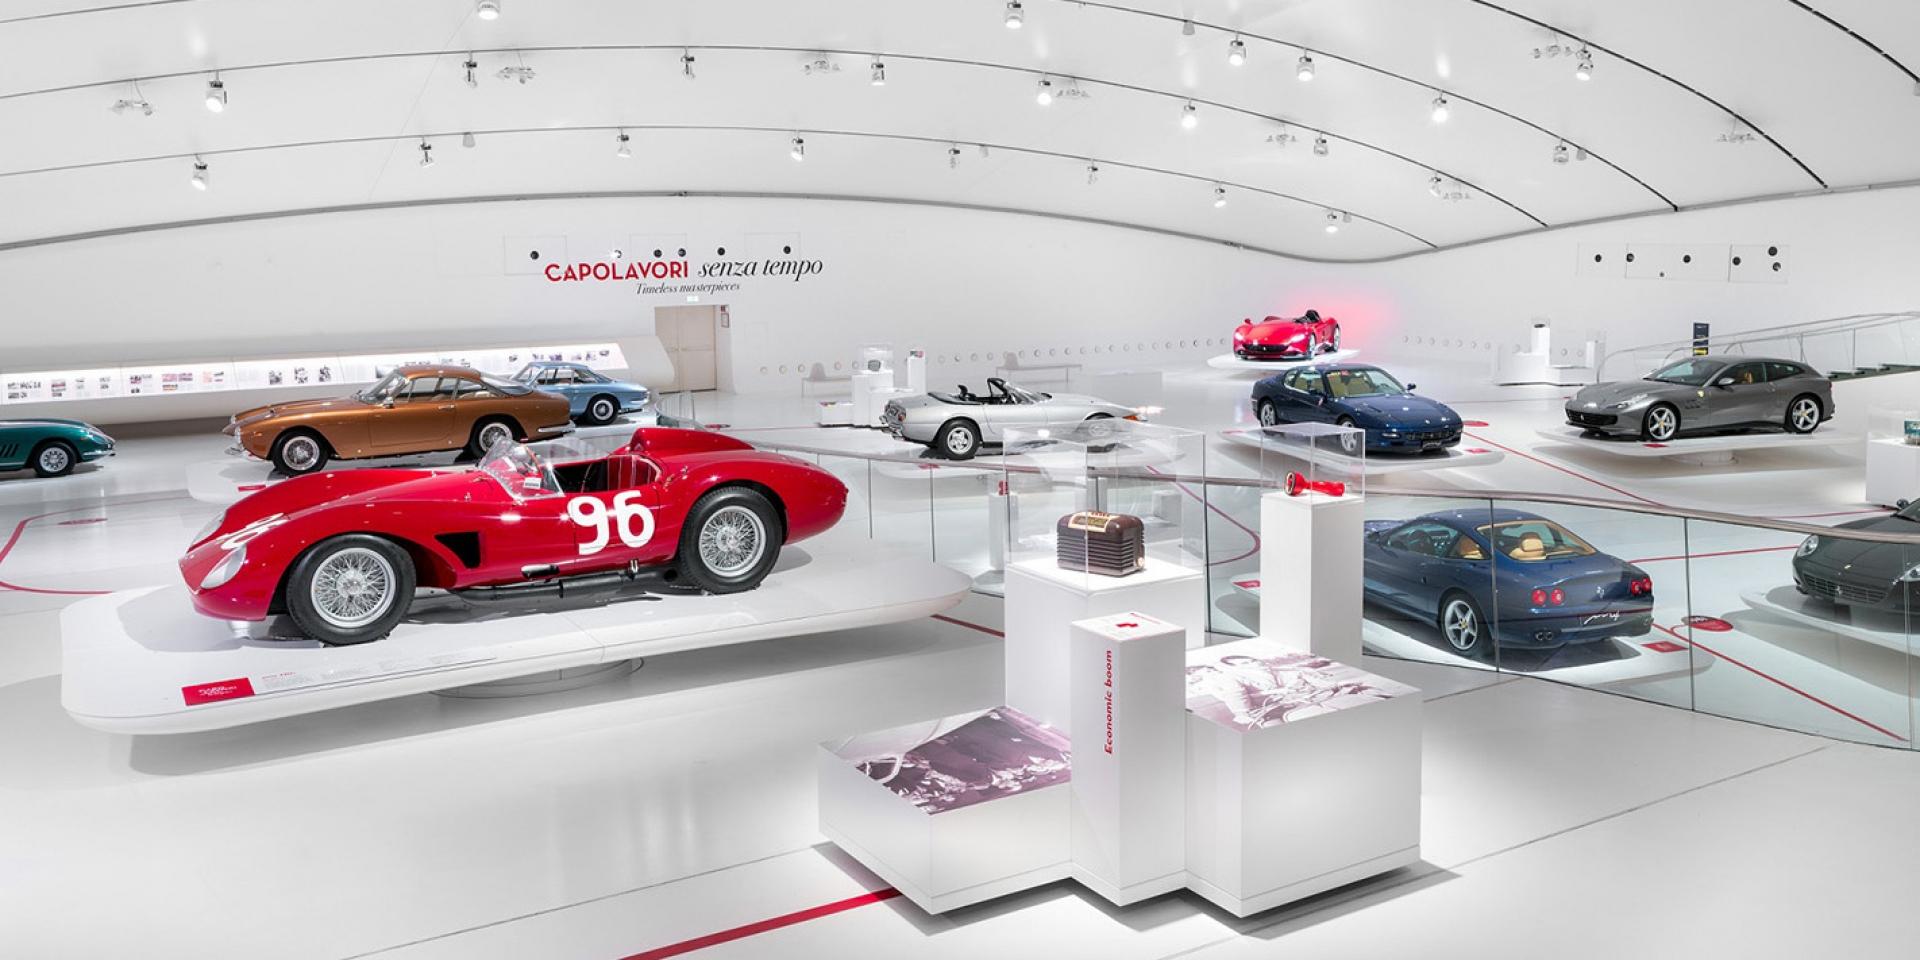 官方新聞稿。The Enzo Ferrari Museum恩佐.法拉利博物館 — 「永恆的傑作」展覽